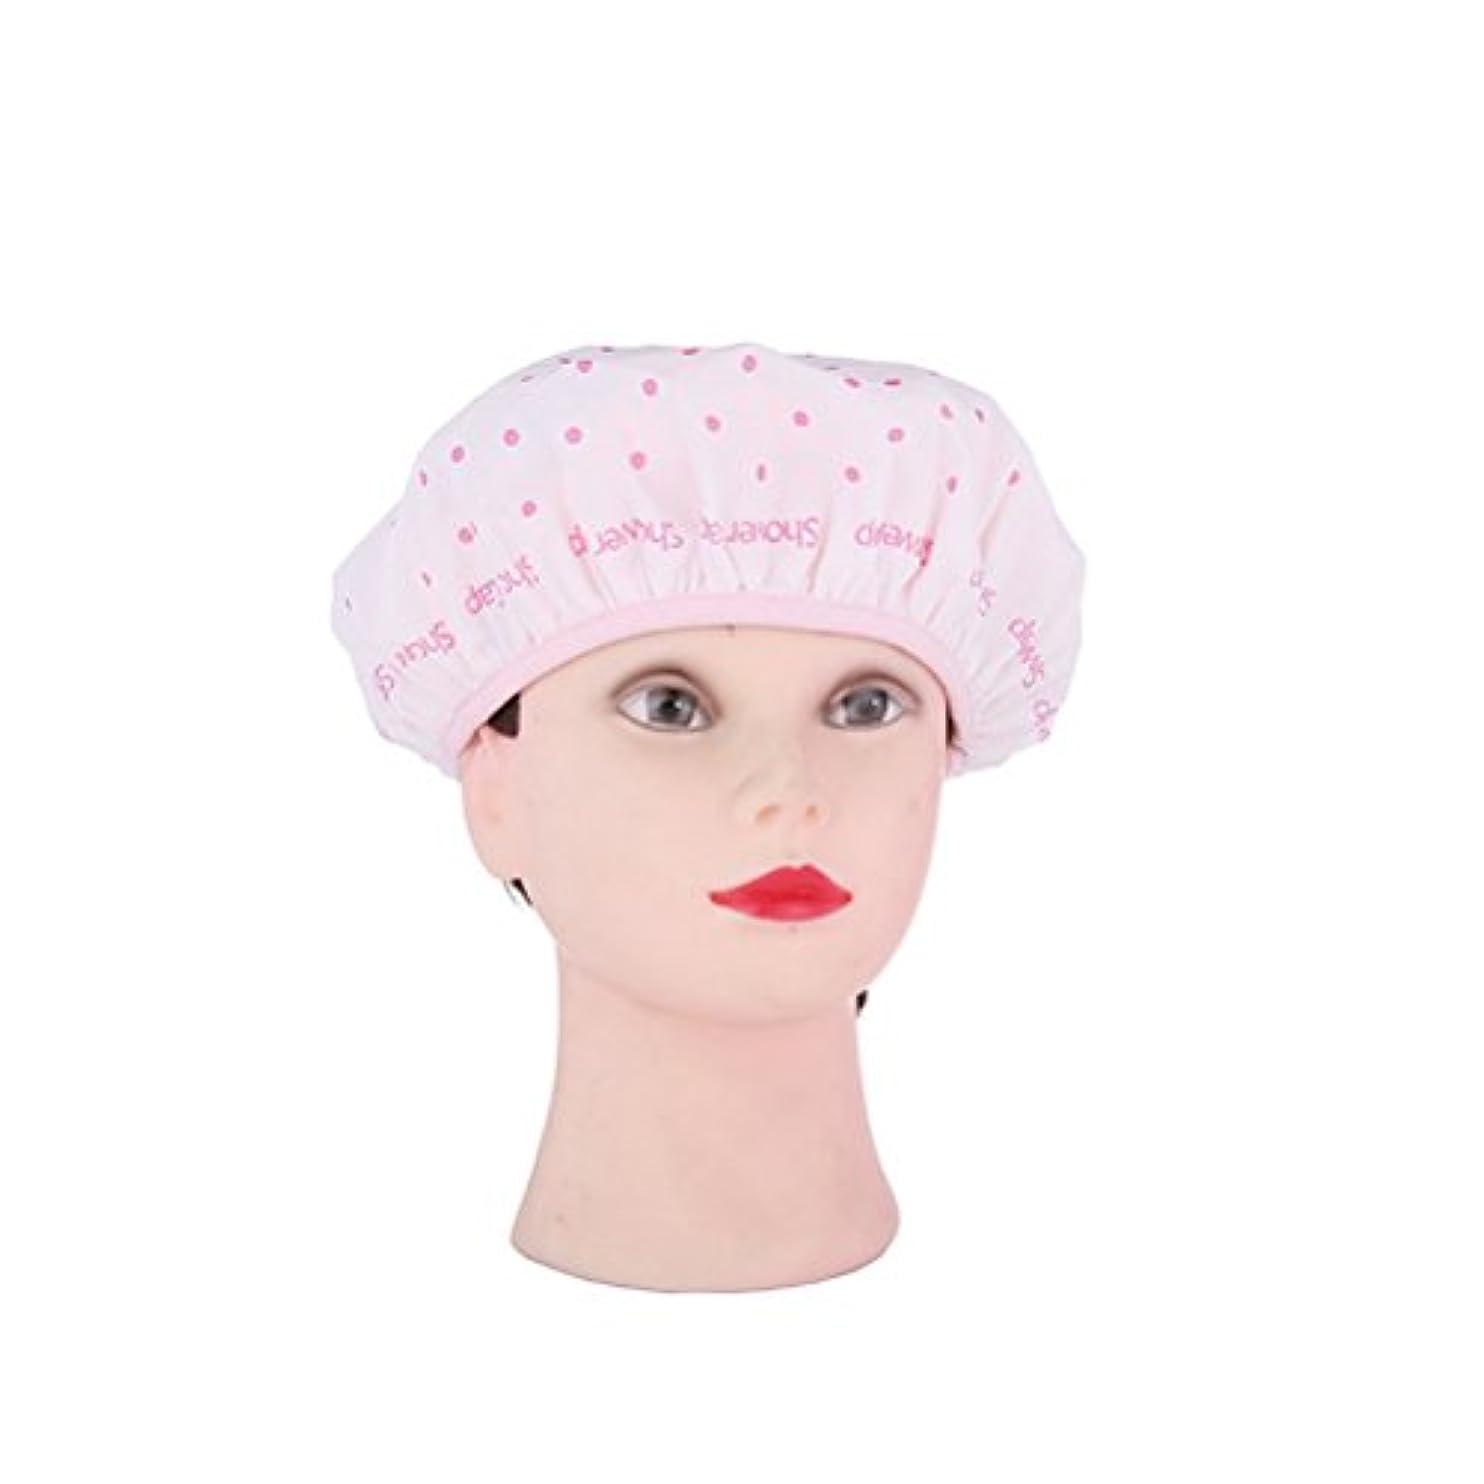 余分なデータ展開するHEALLILY シャワーの帽子女性の子供のための防水シャワーの帽子のBathのシャワーの毛の帽子